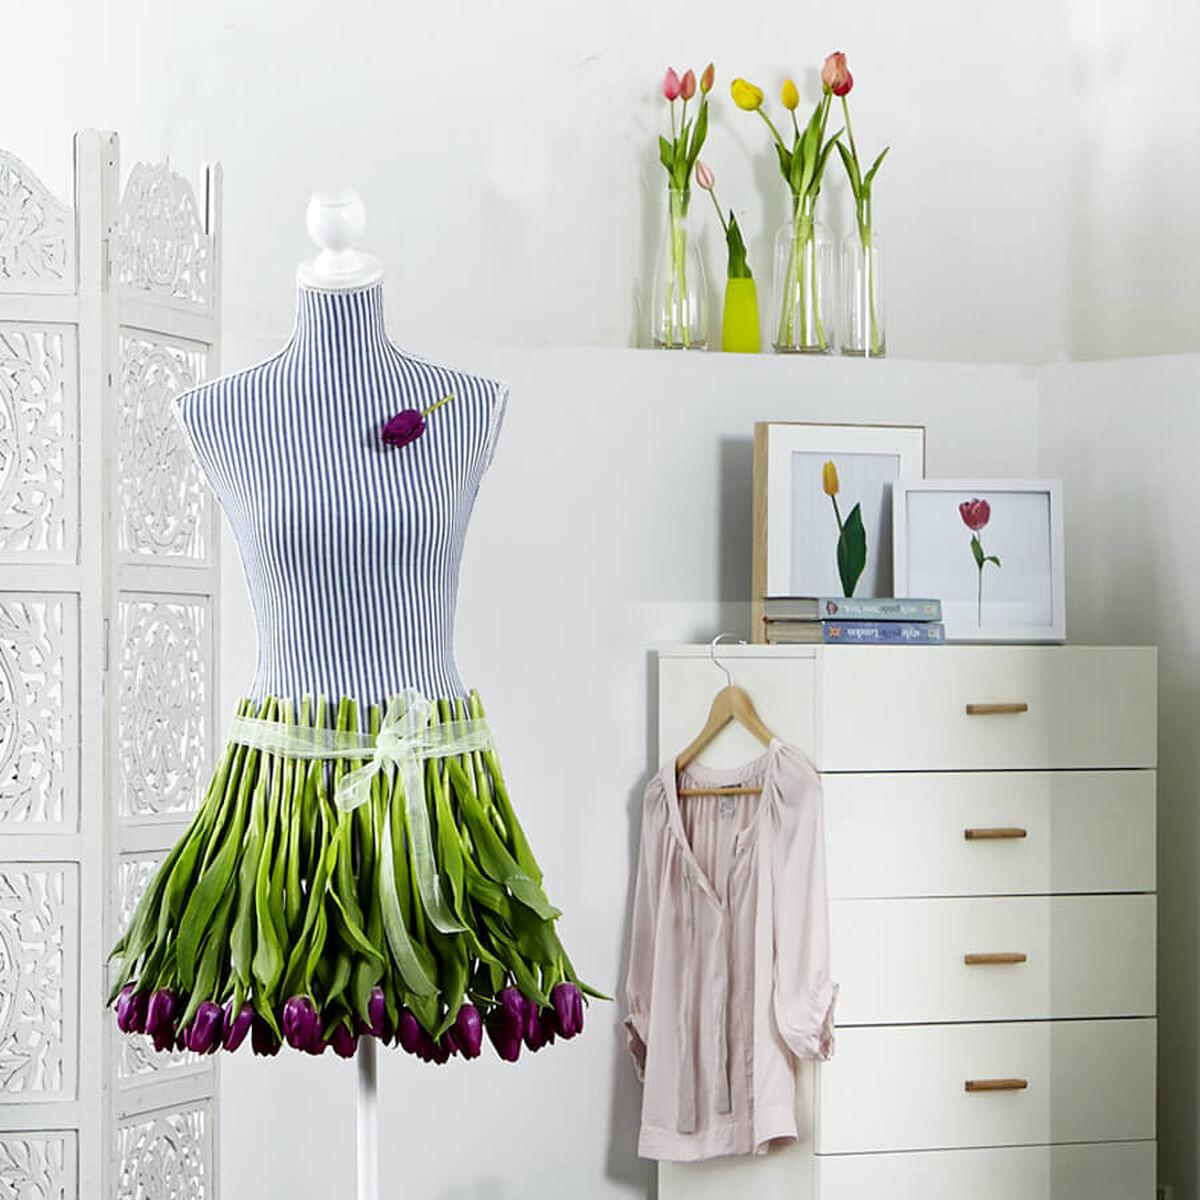 dekoelemente online kaufen butlers. Black Bedroom Furniture Sets. Home Design Ideas